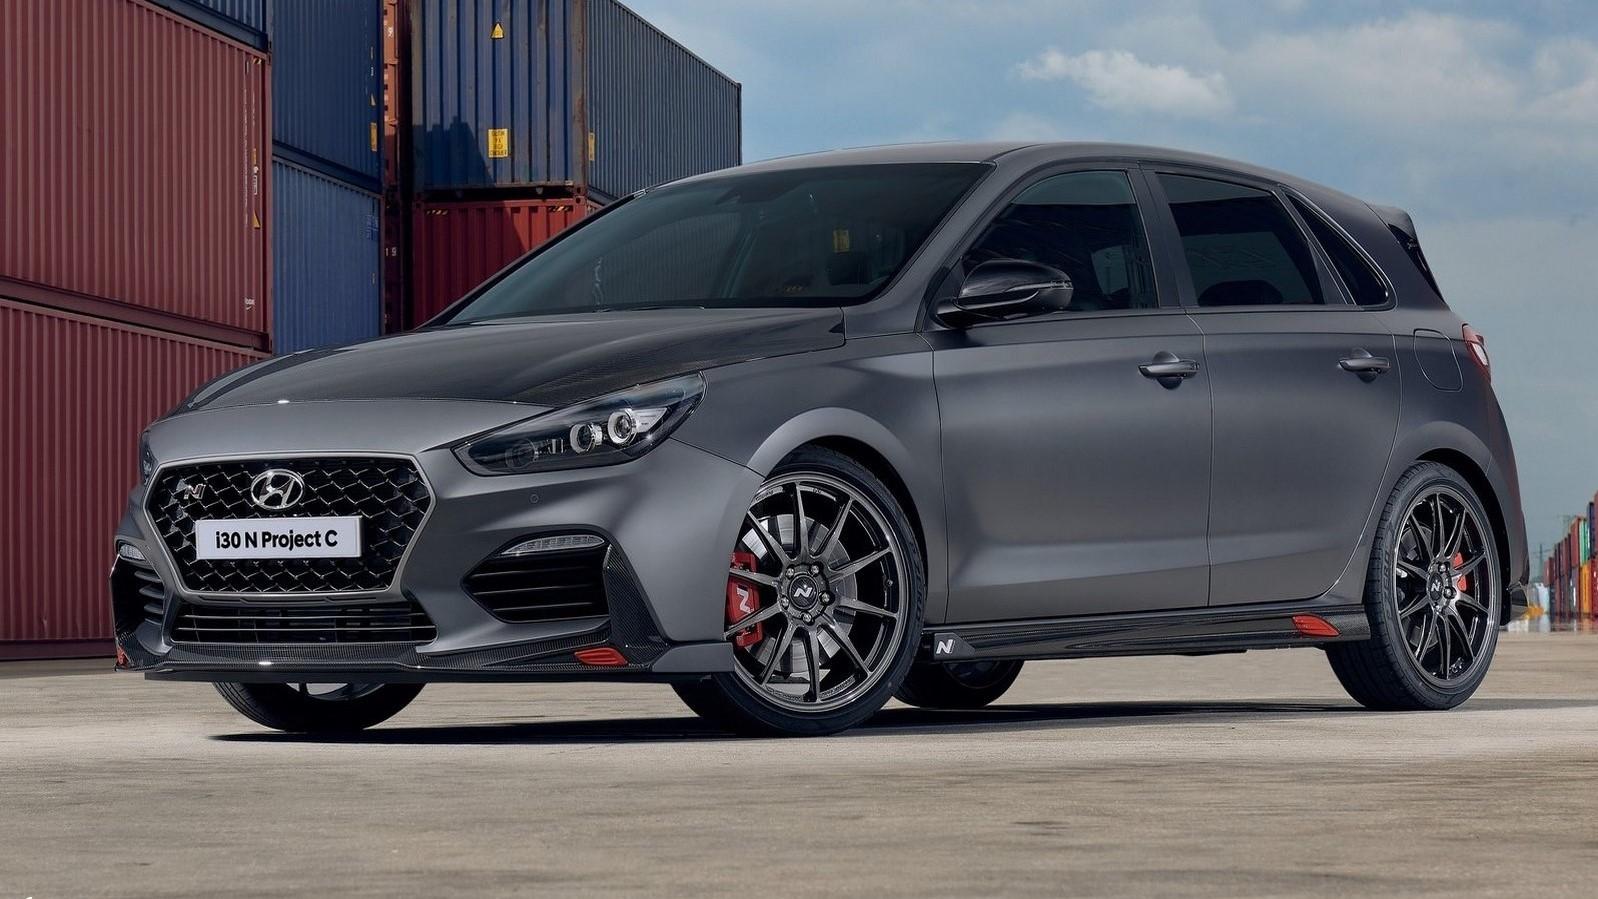 Hyundai i30 N Project C 2019